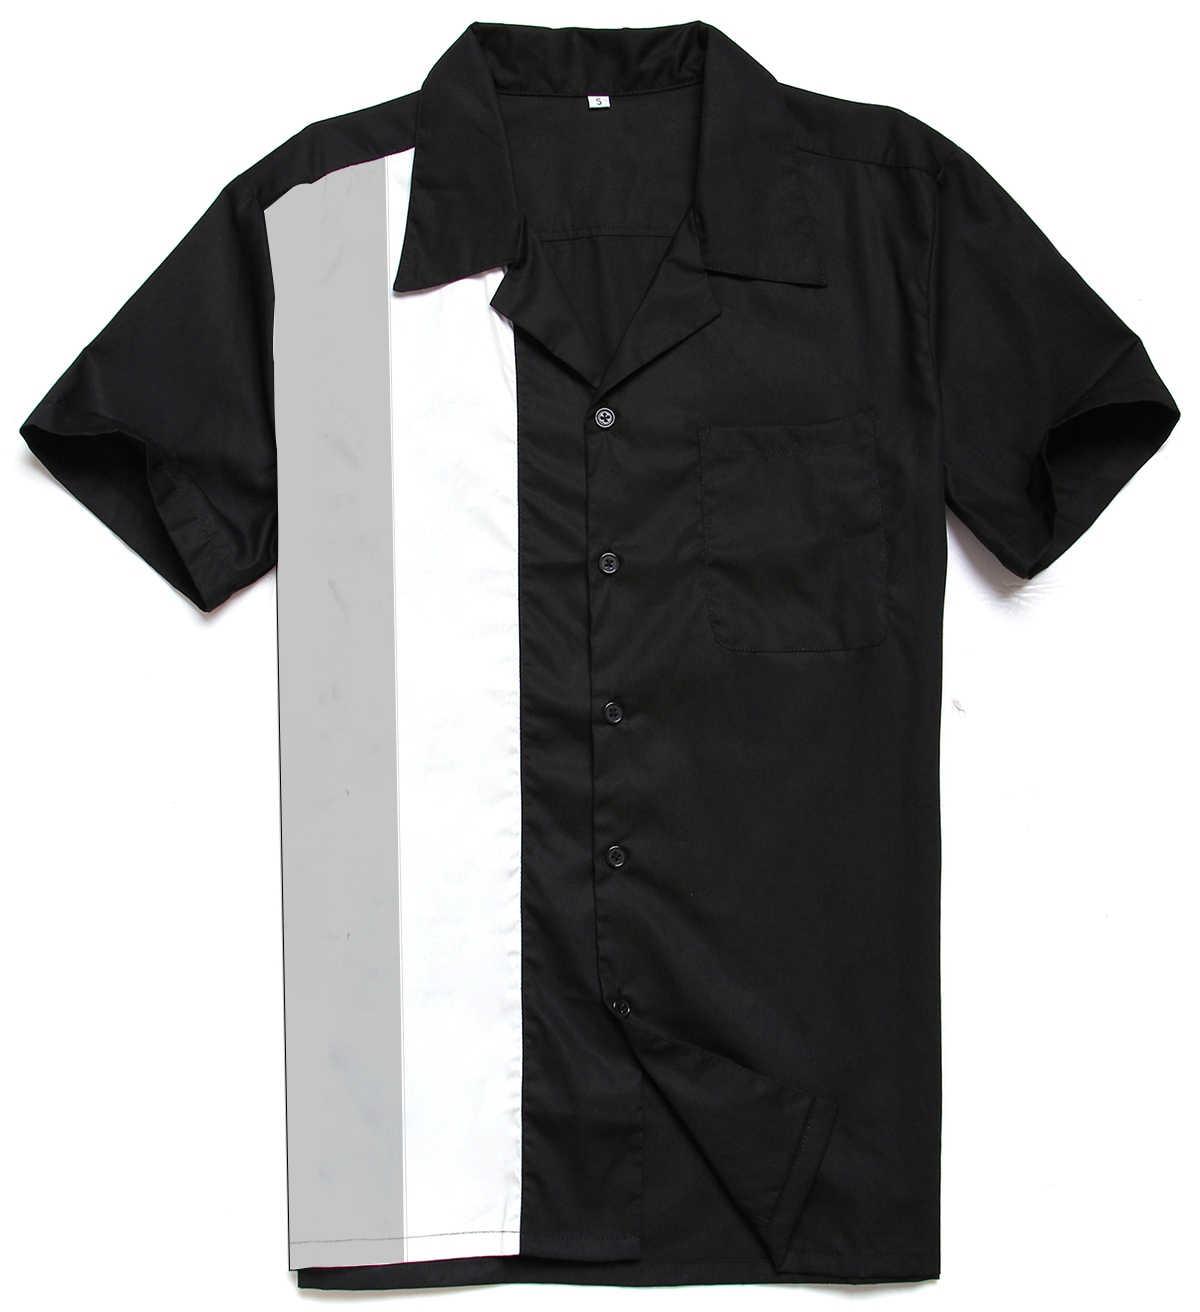 Neue Ankunft 2018 Amerikanischen Stil Rockabilly Männer Shirts Große Größe Kleidung Vintage Shirt Patchwork Rock N Roll Schwarz Kurzarm